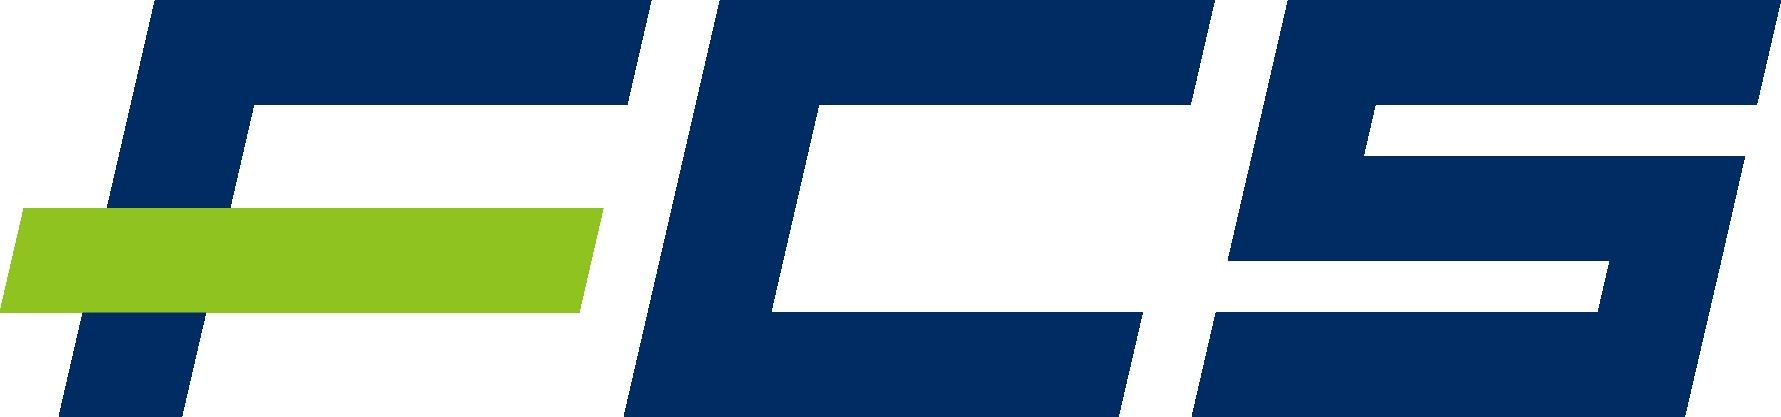 Fu Chun Shin Machinery Manufacture Co.,Ltd.-Logo